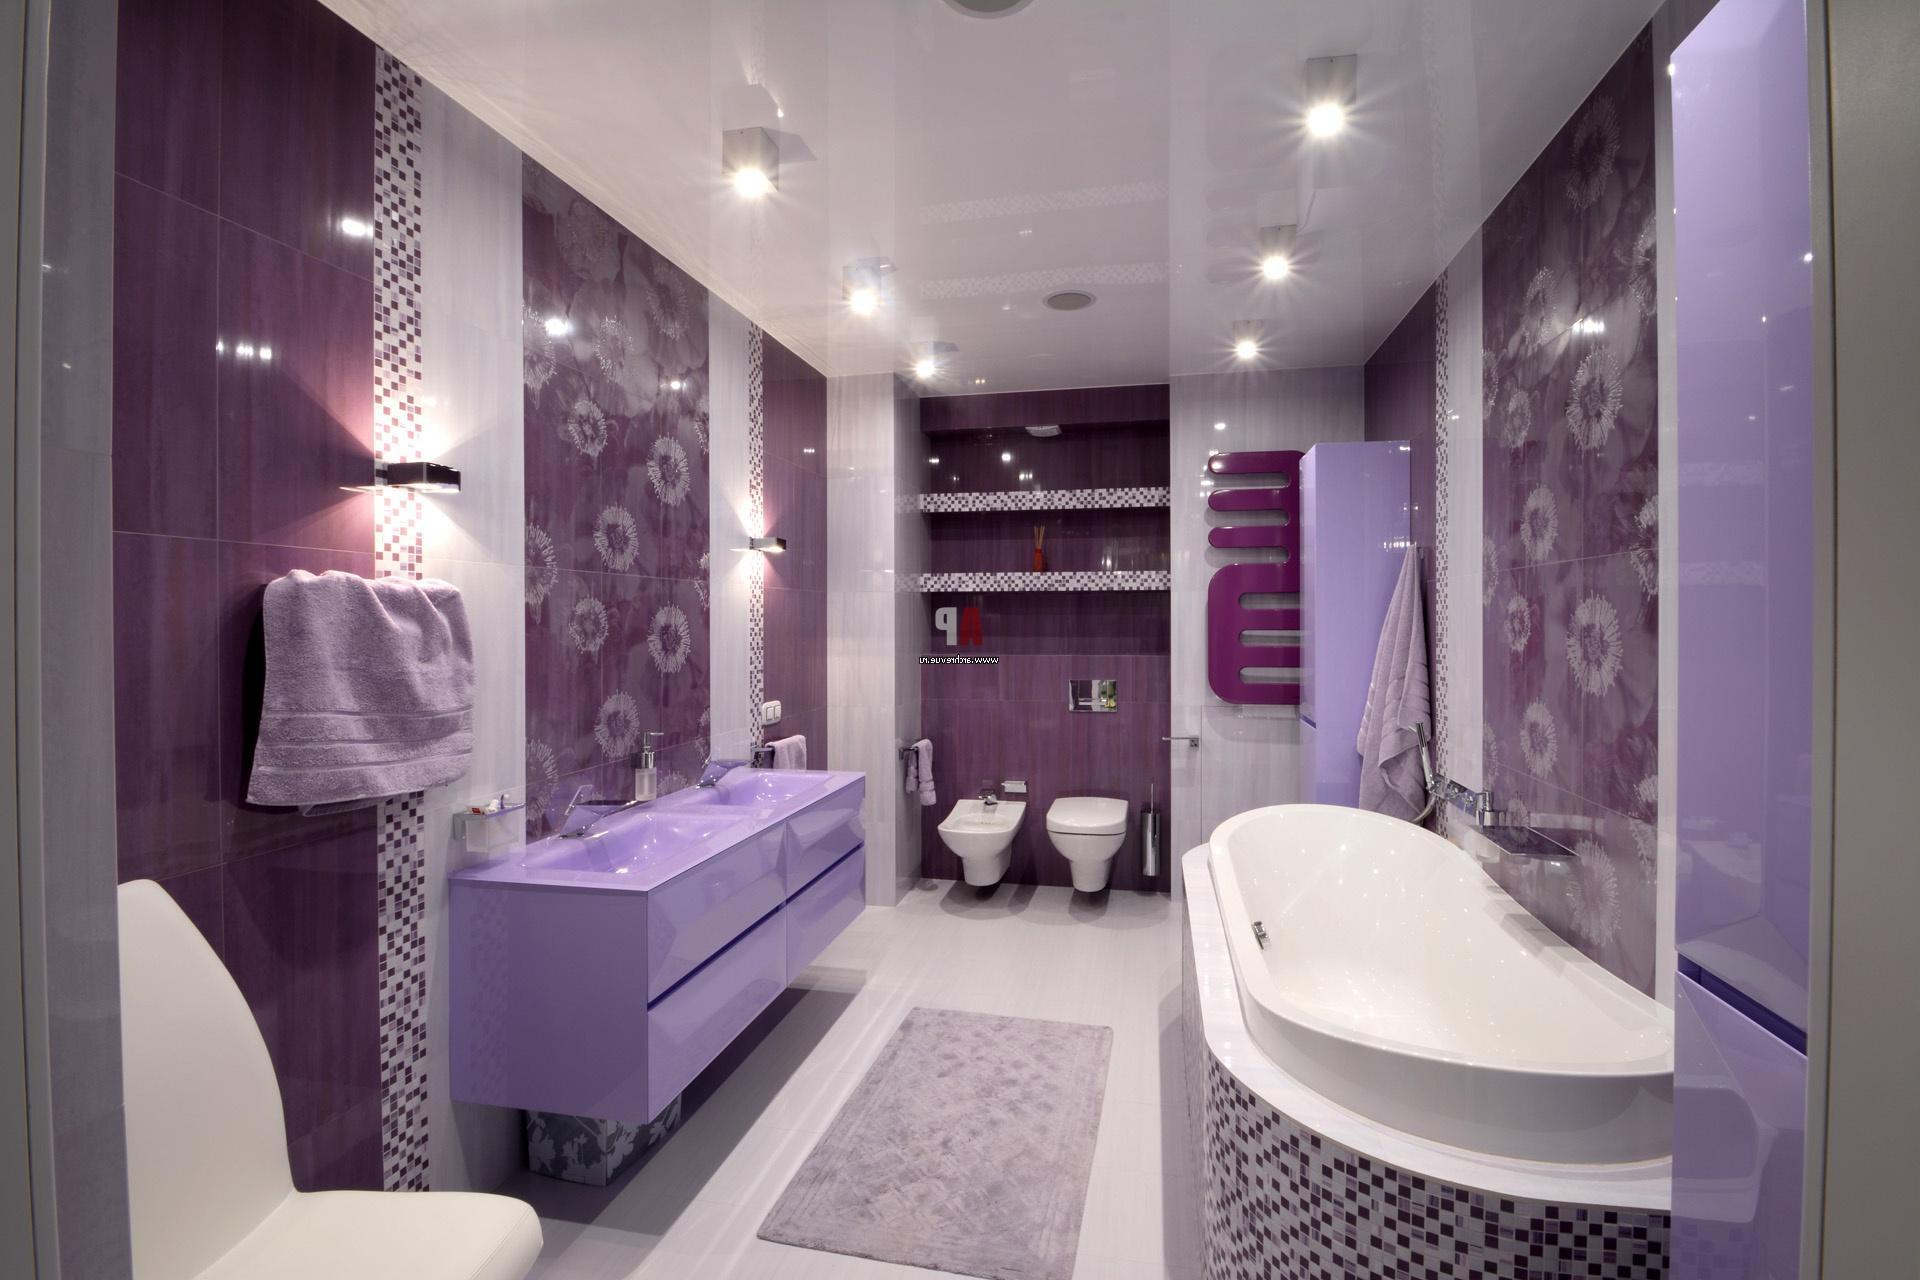 Combinando Cores na Decoração: Banheiro Violeta